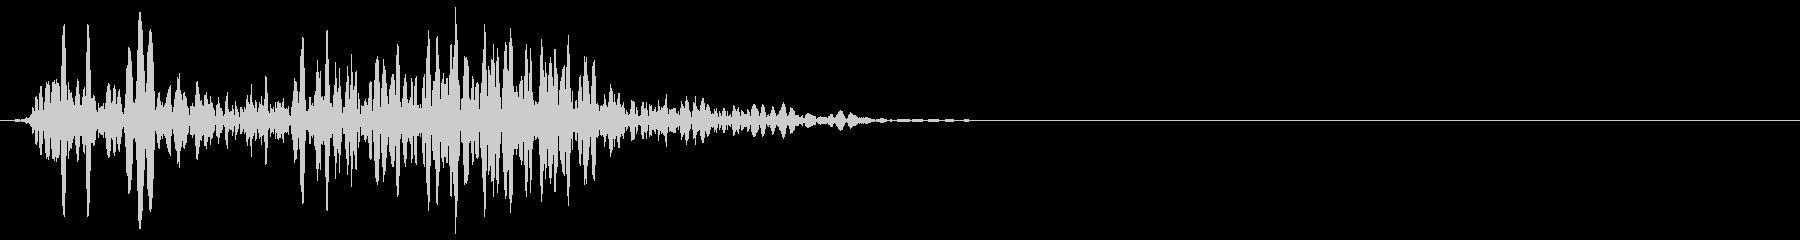 ゲーム掛け声ゾンビ1うめき4の未再生の波形